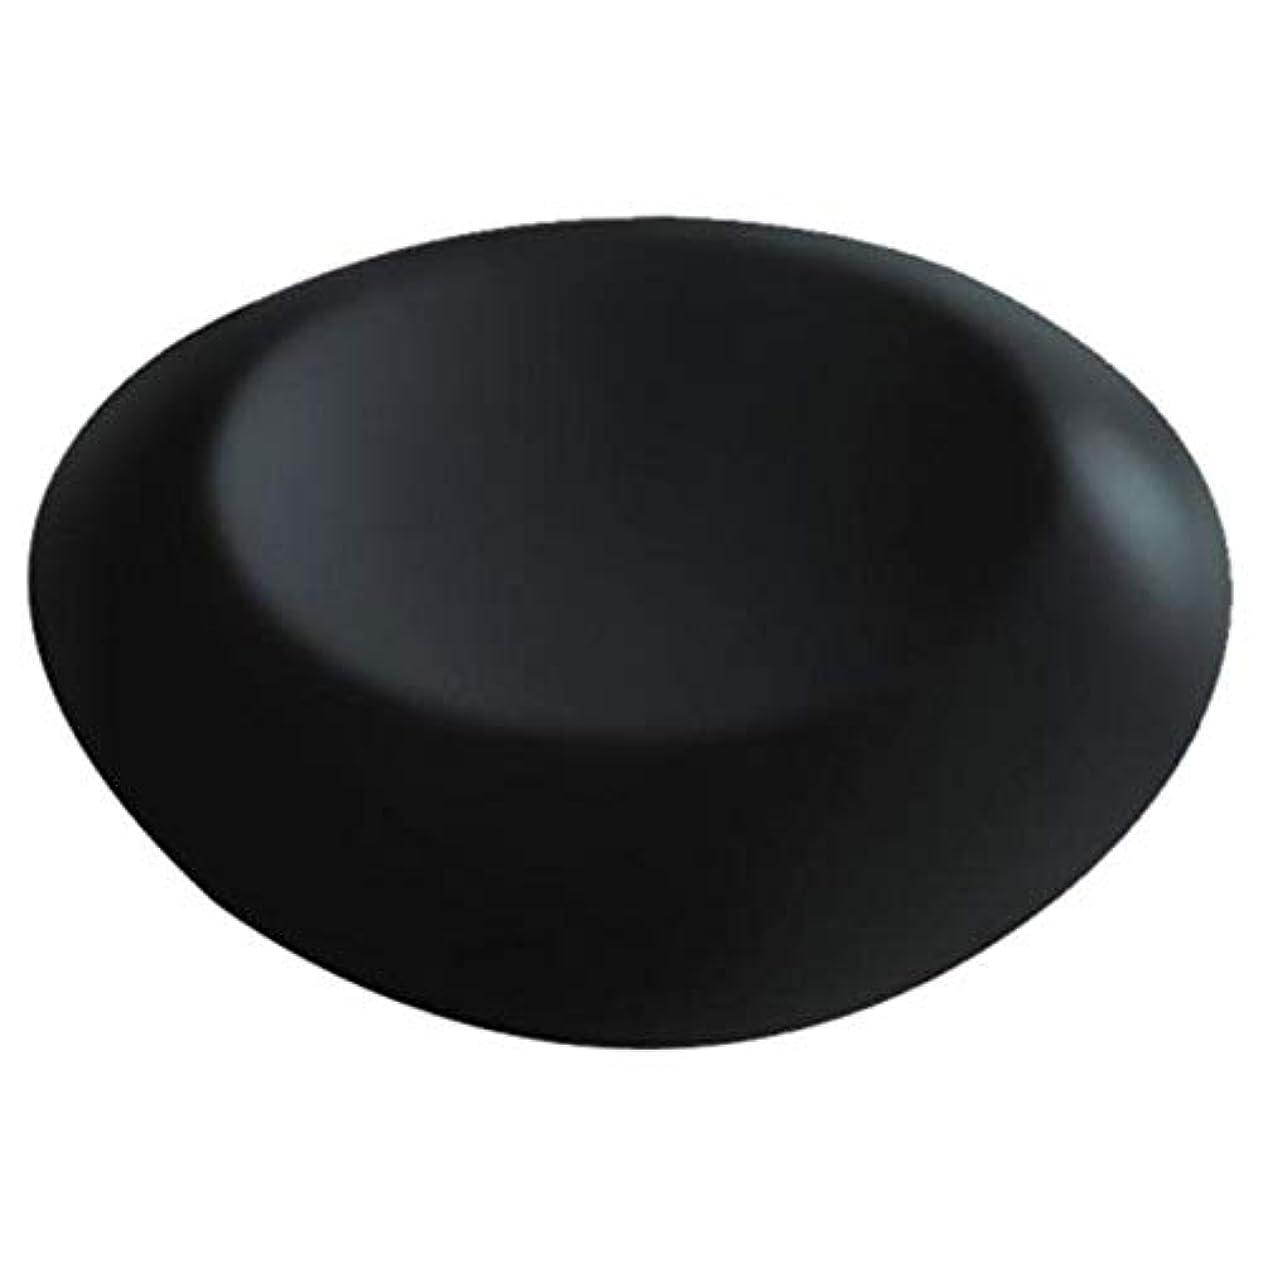 透過性抽選連続的滑り止めサクションカップ付きラウンドバスヘッドレストPUバスクッション人間工学に基づいたホームスパヘッドレスト